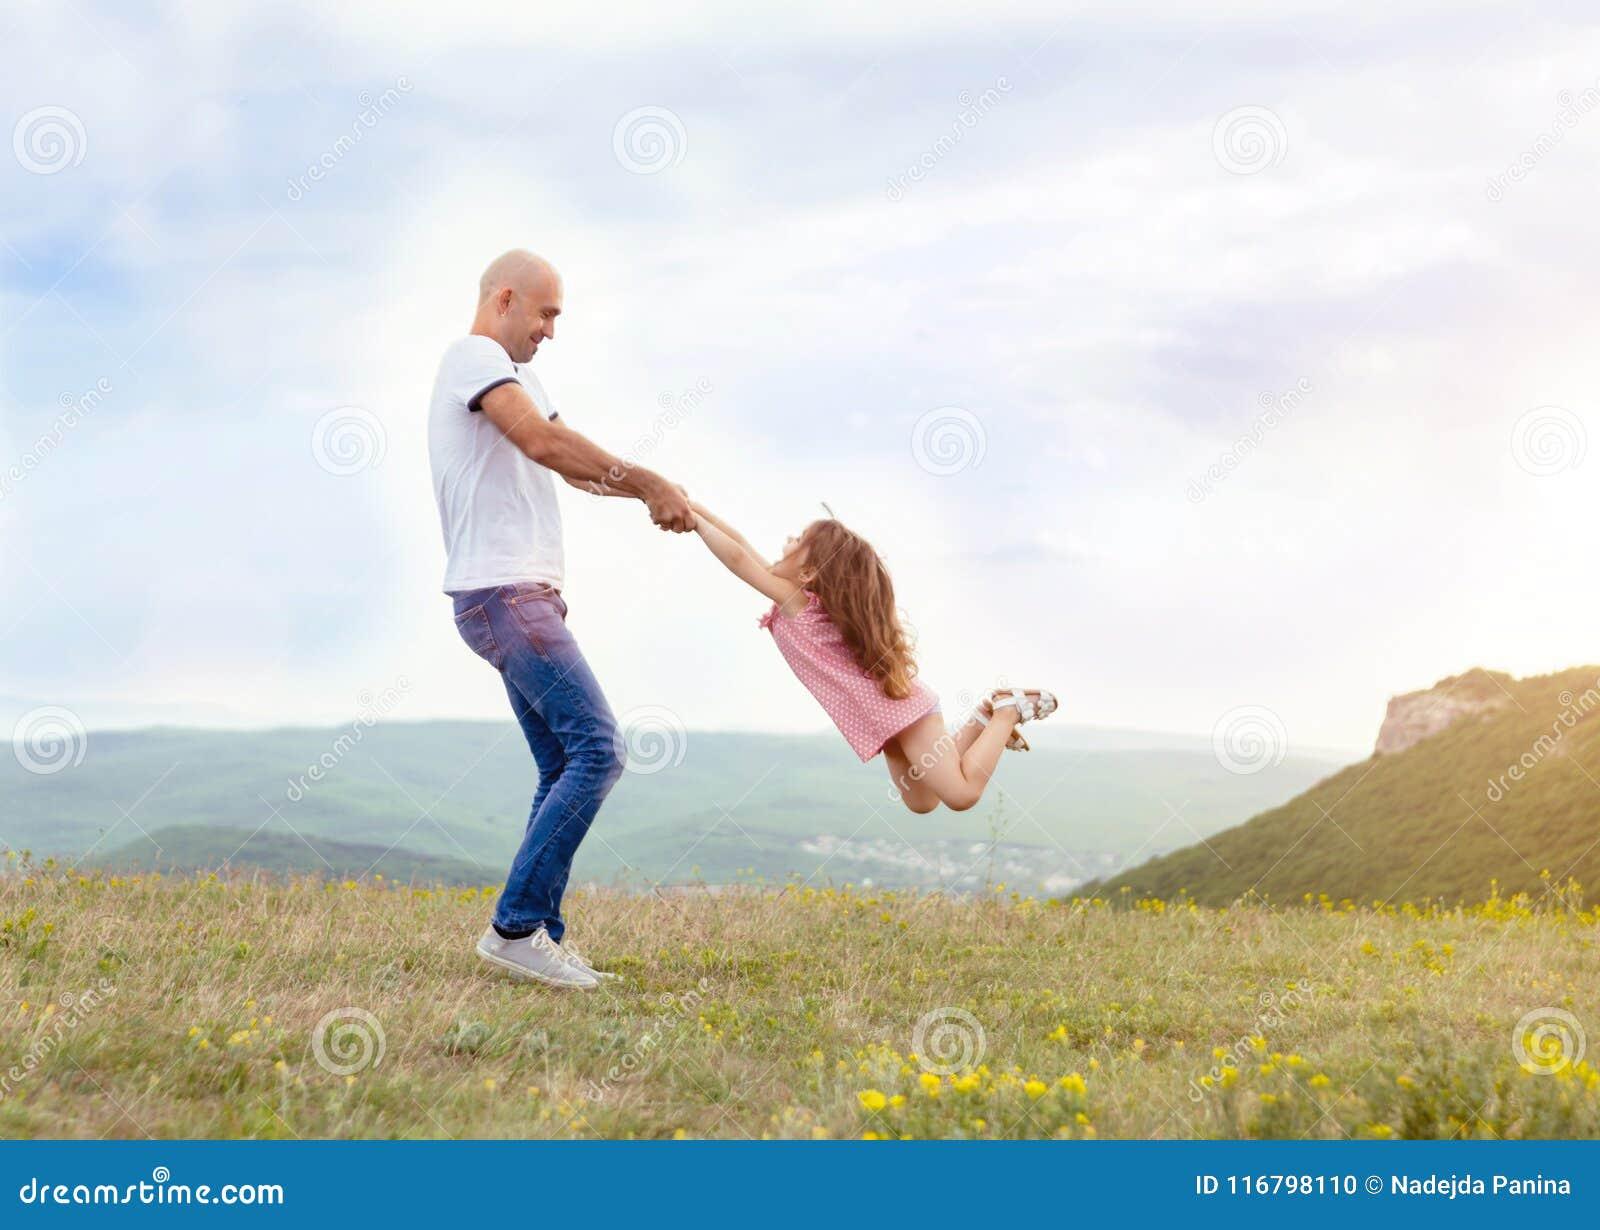 Bringen Sie das Spielen mit seiner Tochter auf dem sonnigen Gebiet hervor